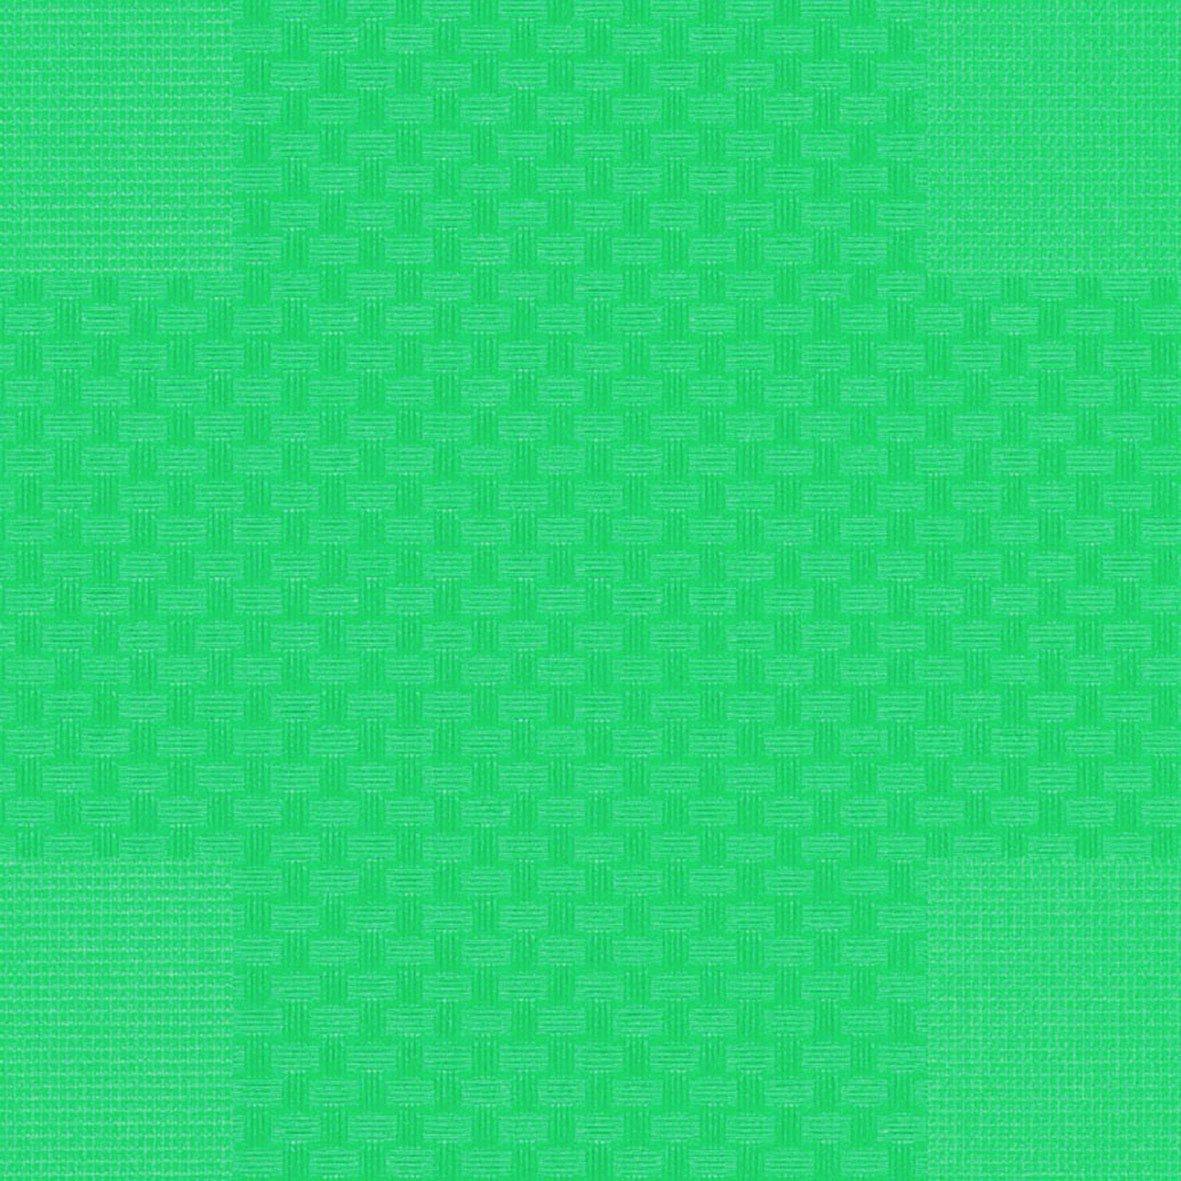 リリカラ 壁紙37m モダン 幾何学 グリーン LL-8014 B01N064PWC 37m|グリーン